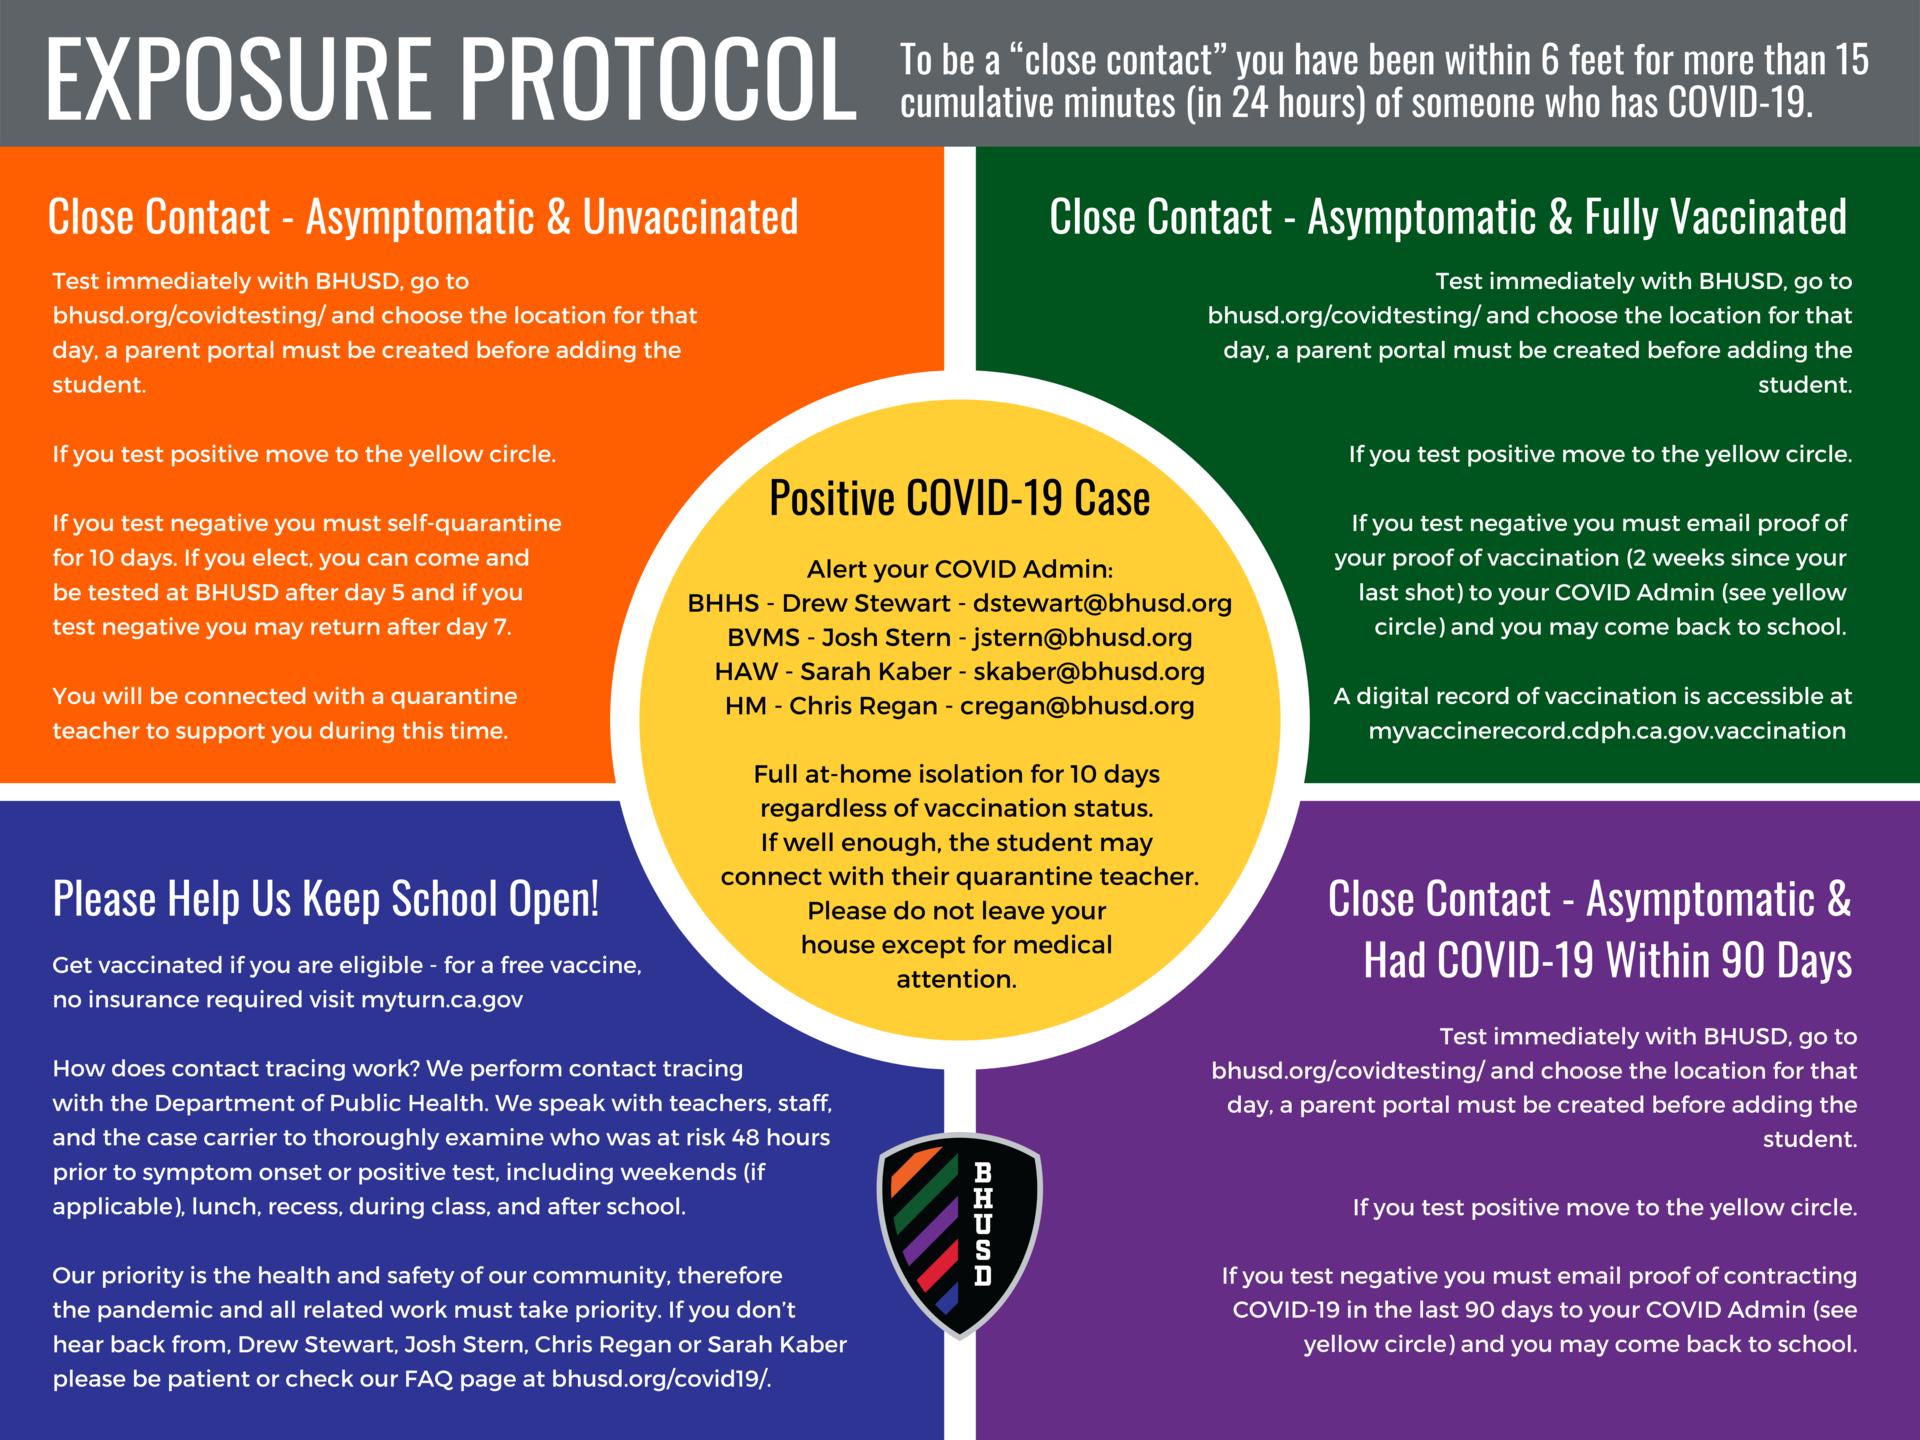 Exposure Protocol